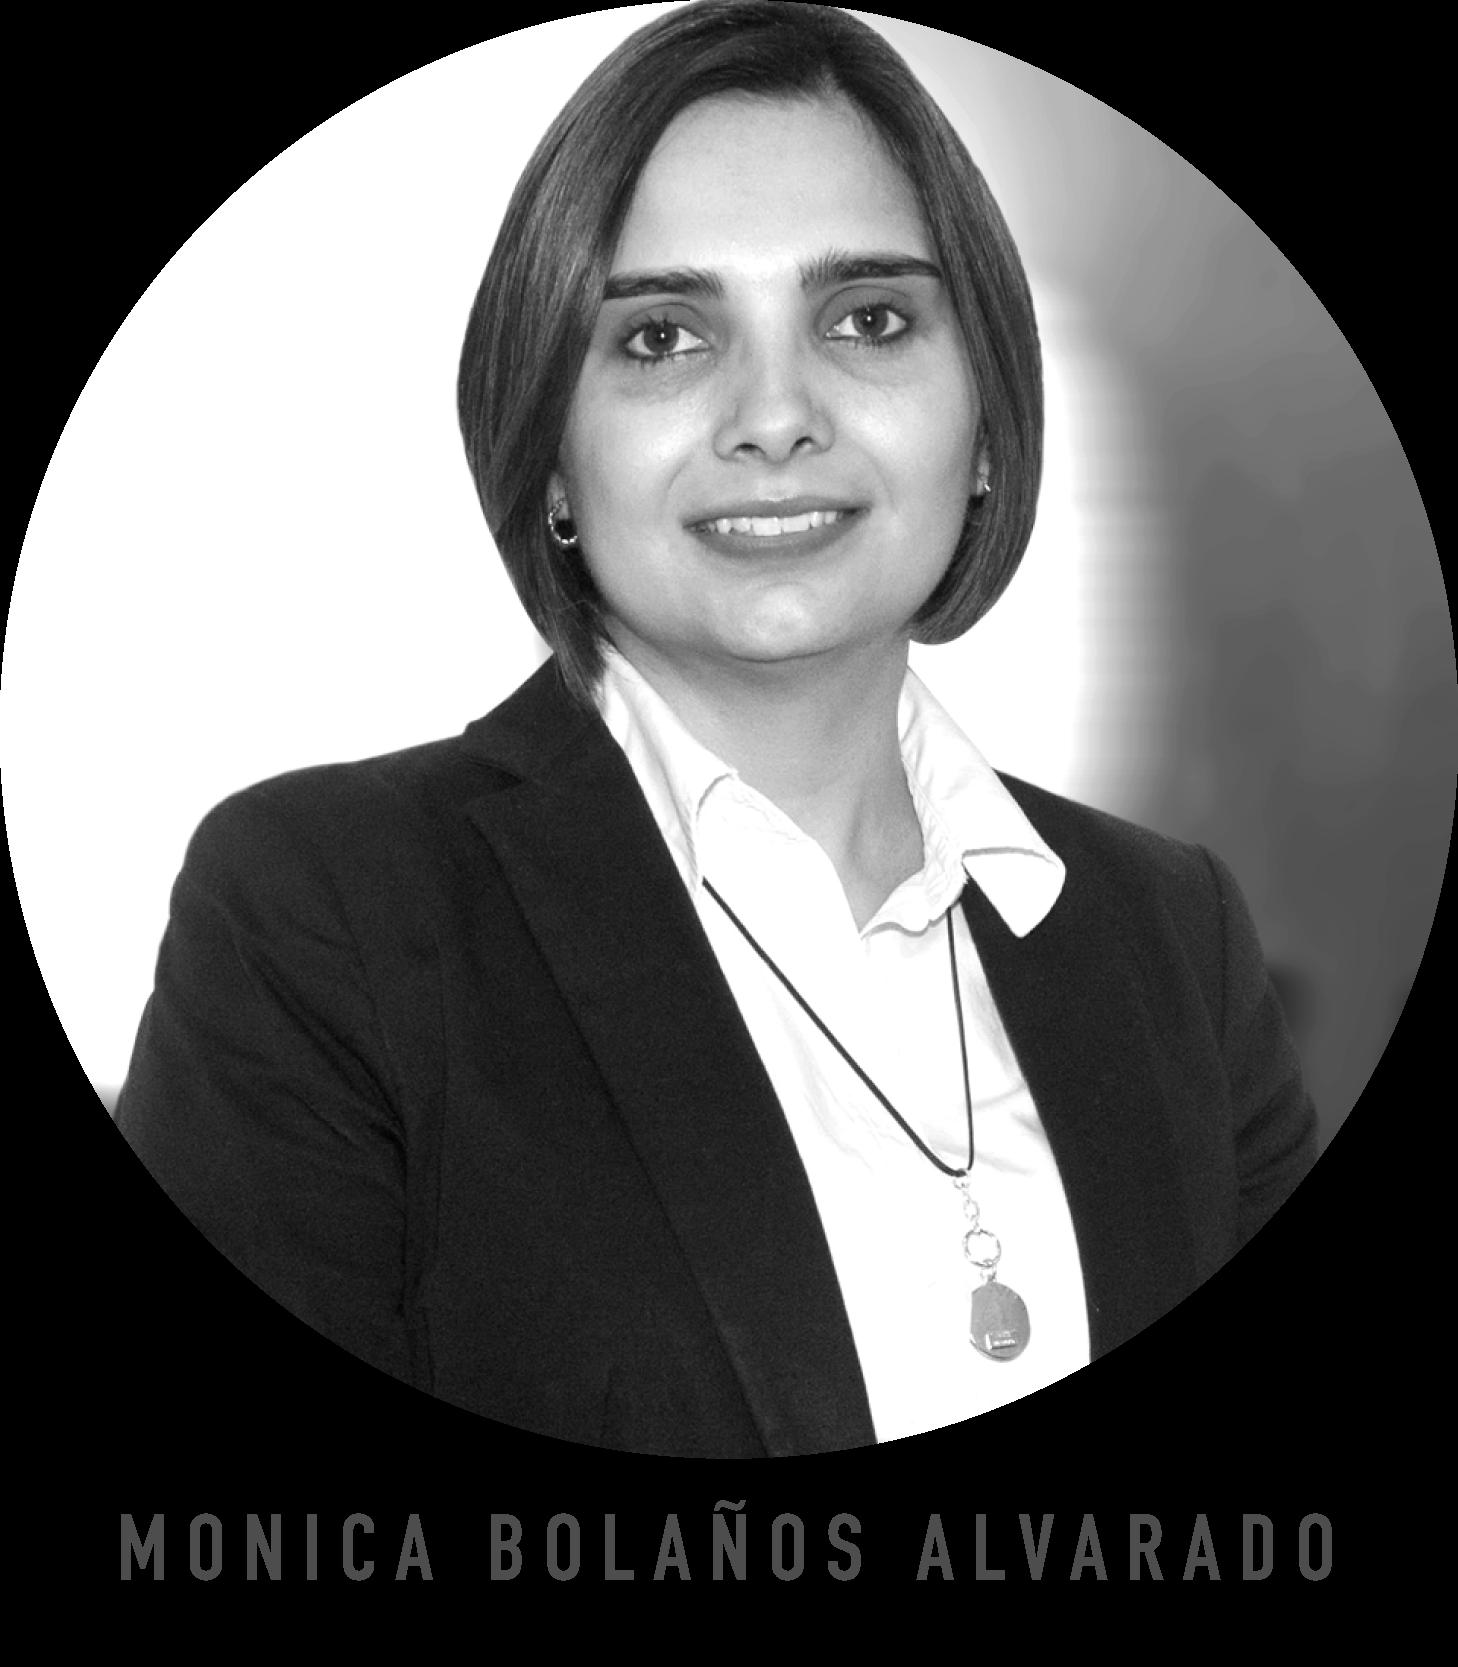 MONICA_BOLAÑOS_ALVARADO.png